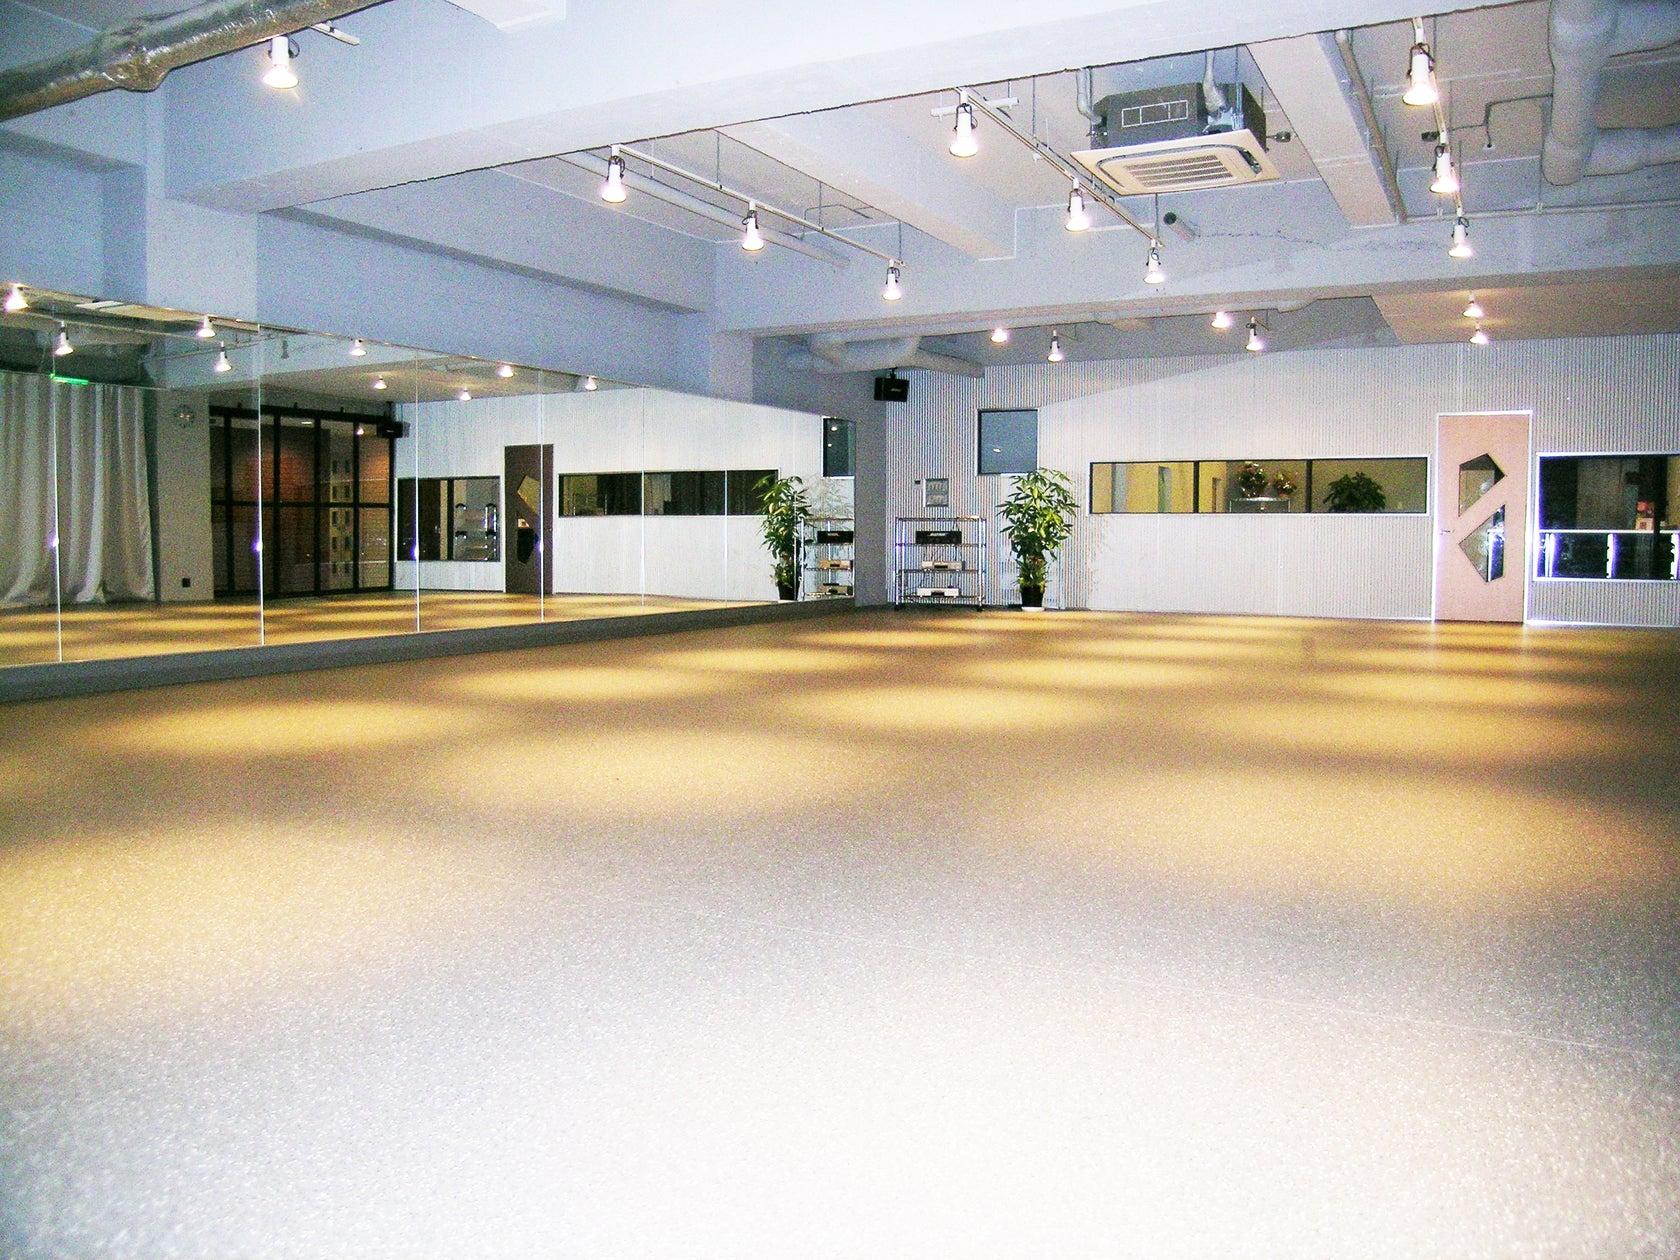 所沢ダンススタジオ 安くて広いフロアお探しの方はぜひ ダンス・ヨガ・フラ レンタル(所沢ダンススタジオ 安くて広いフロアお探しの方はぜひ ダンス・ヨガ・フラ レンタル) の写真0